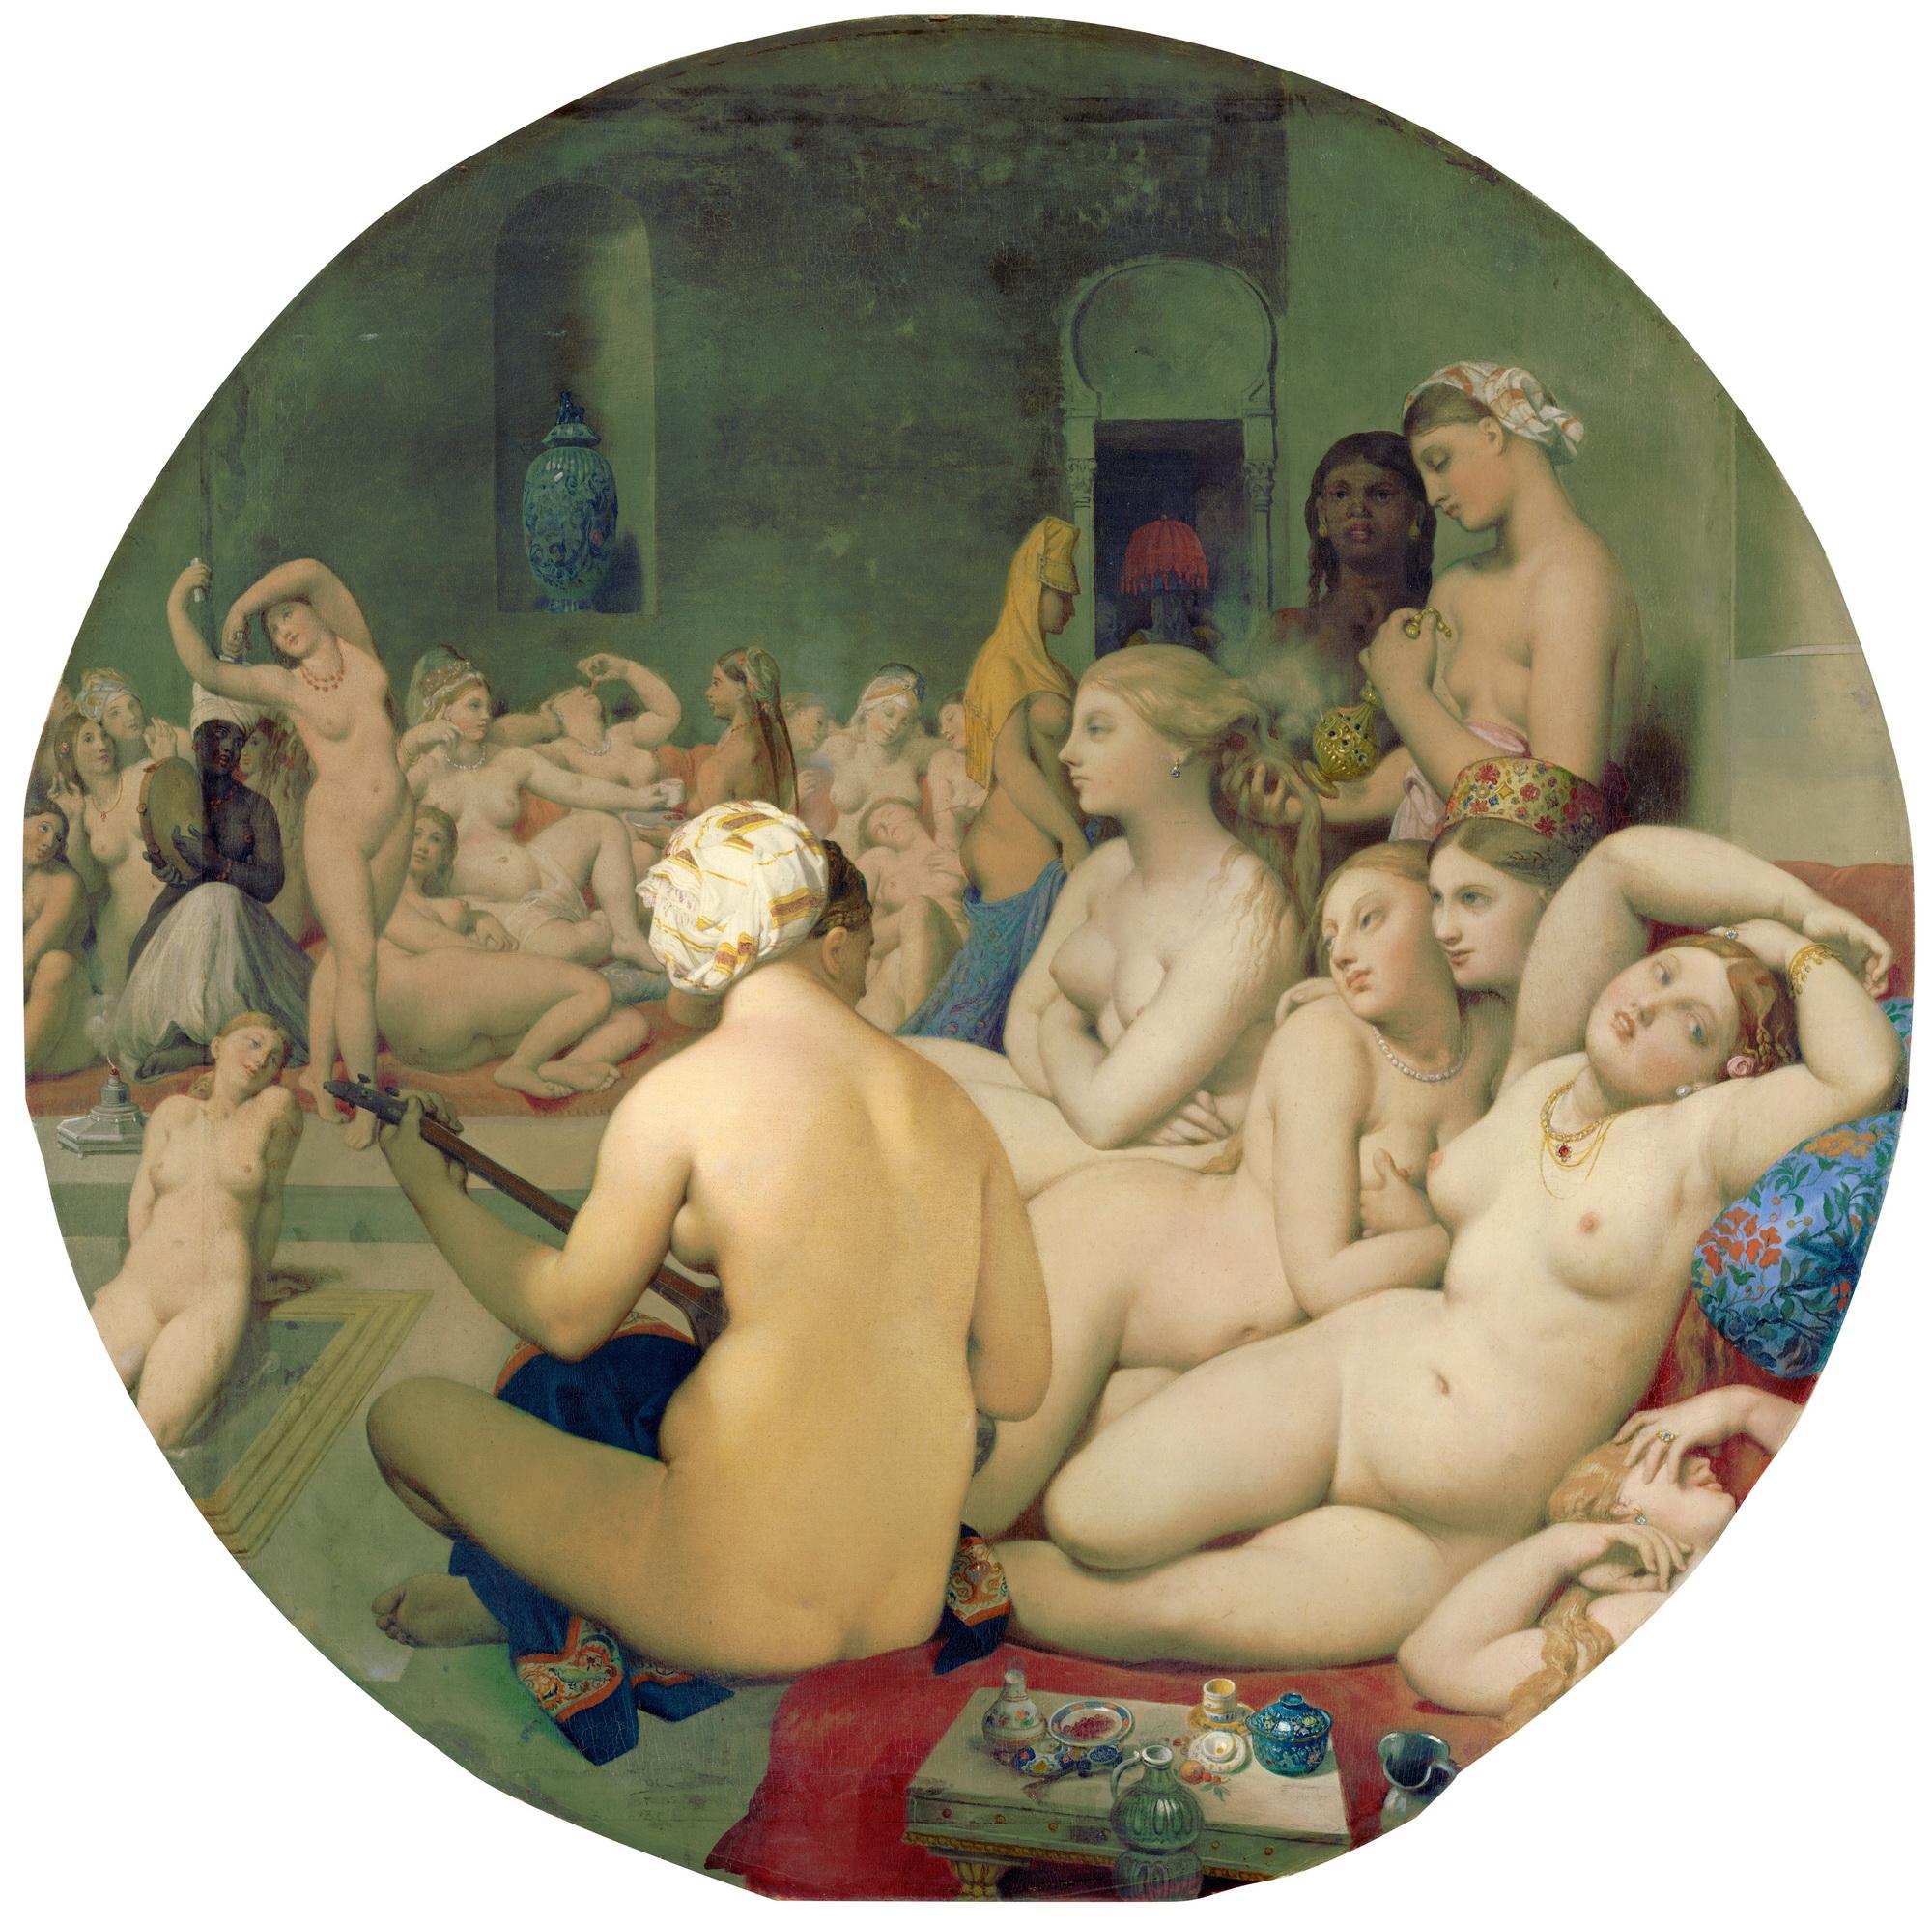 Секс в турецких банях 23 фотография